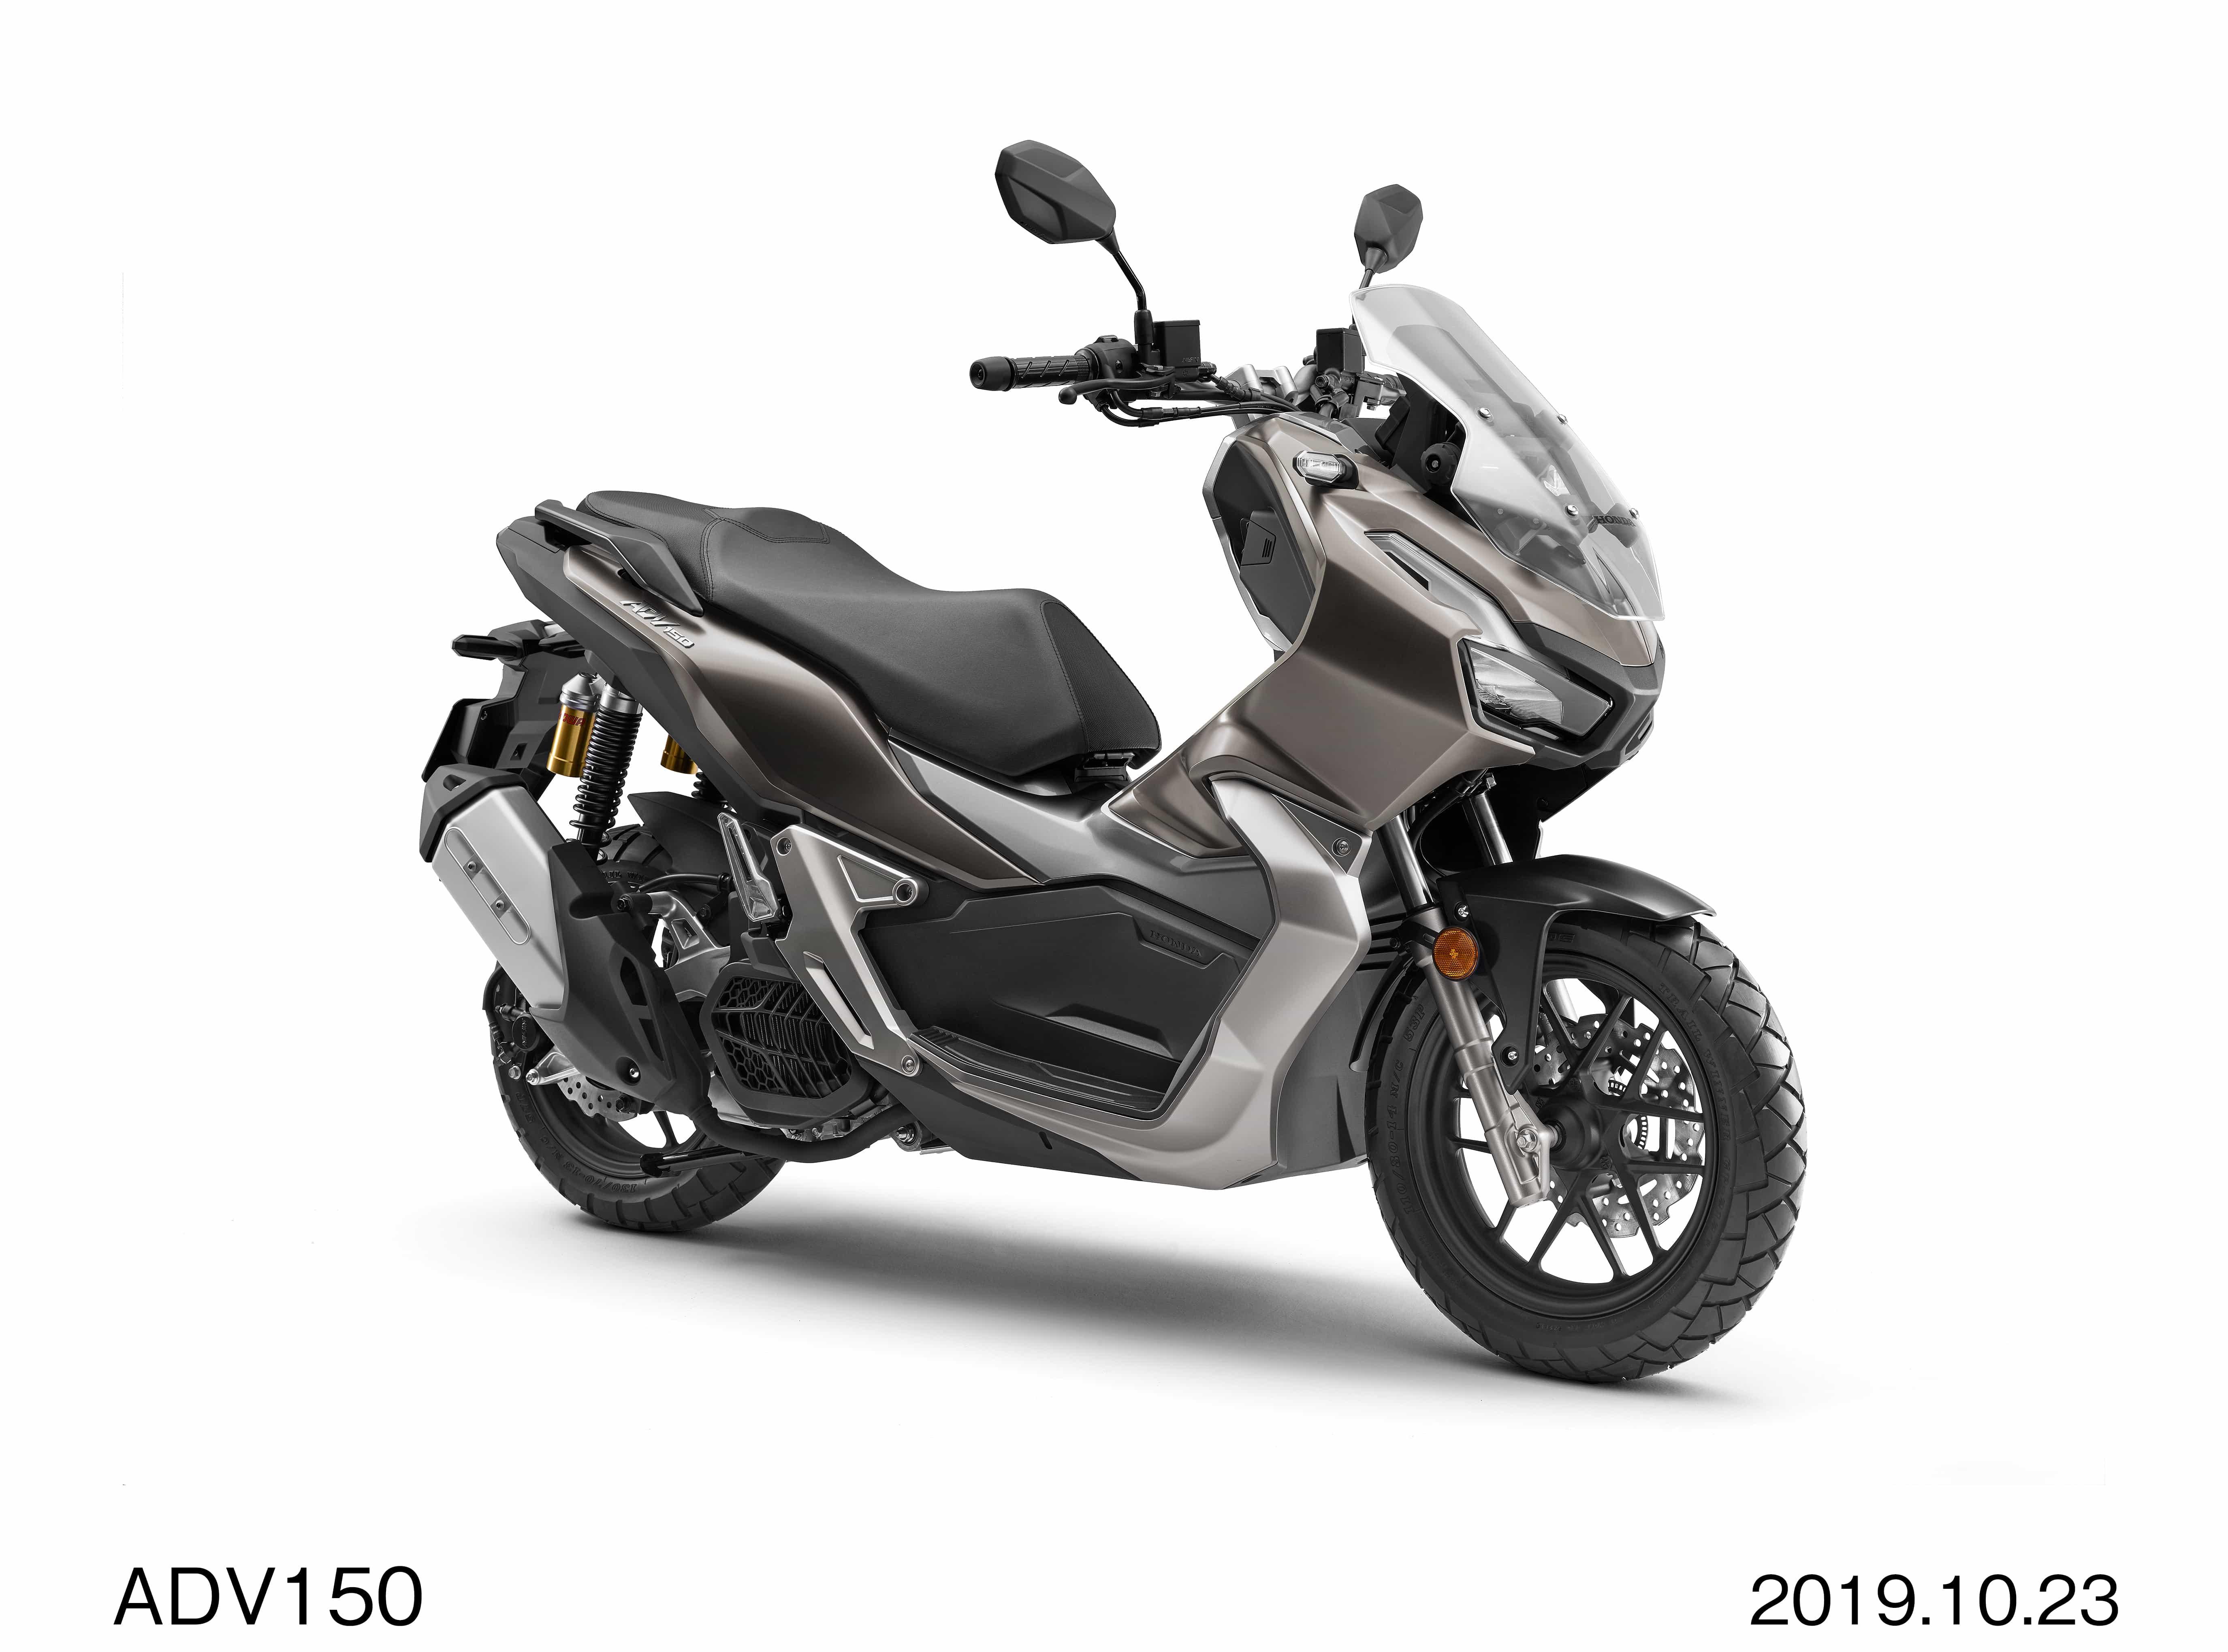 ホンダ 東京モーターショーでADV150を発表